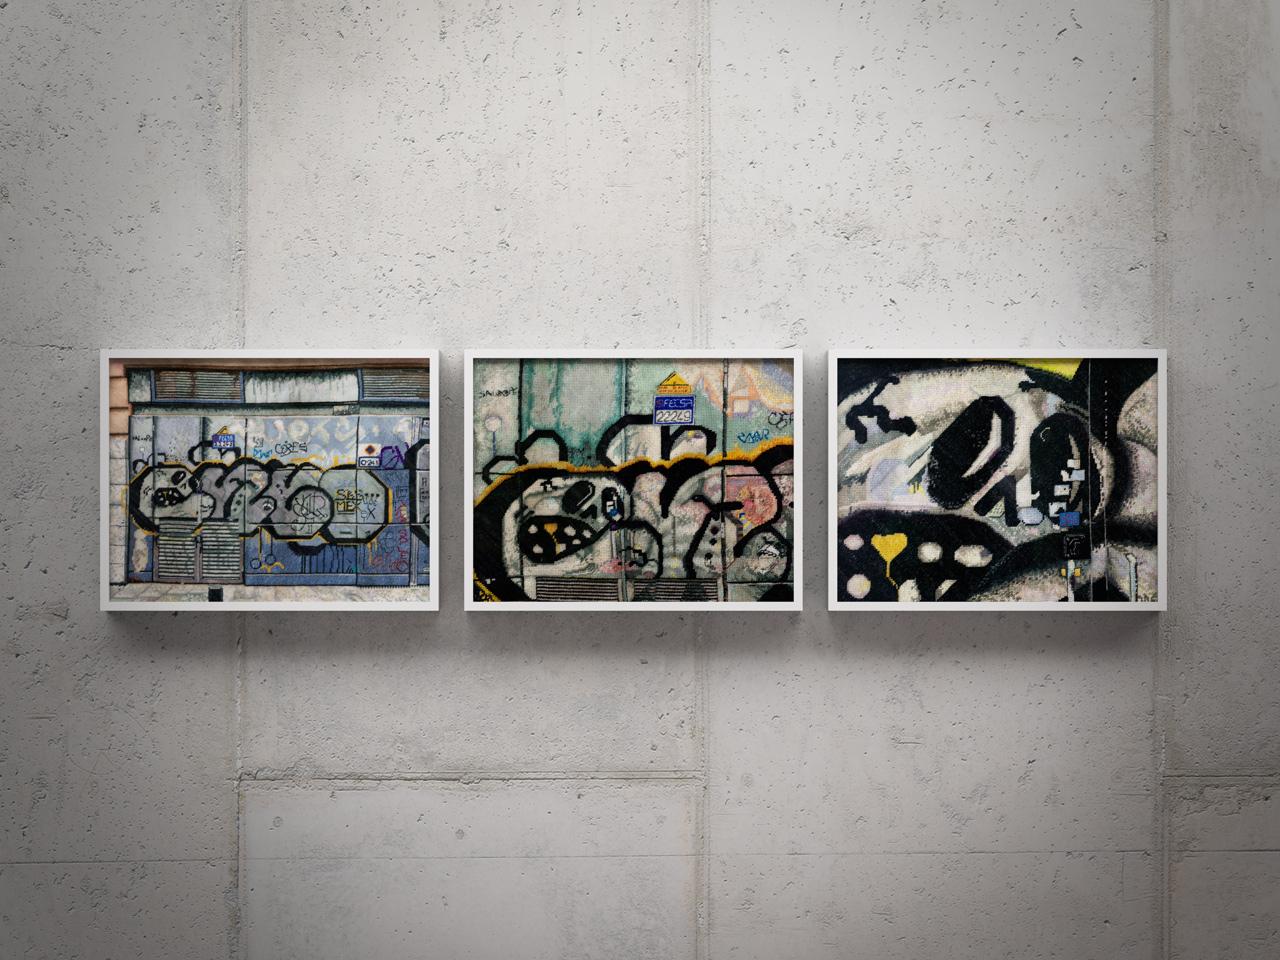 Barcelona 1 – triptych